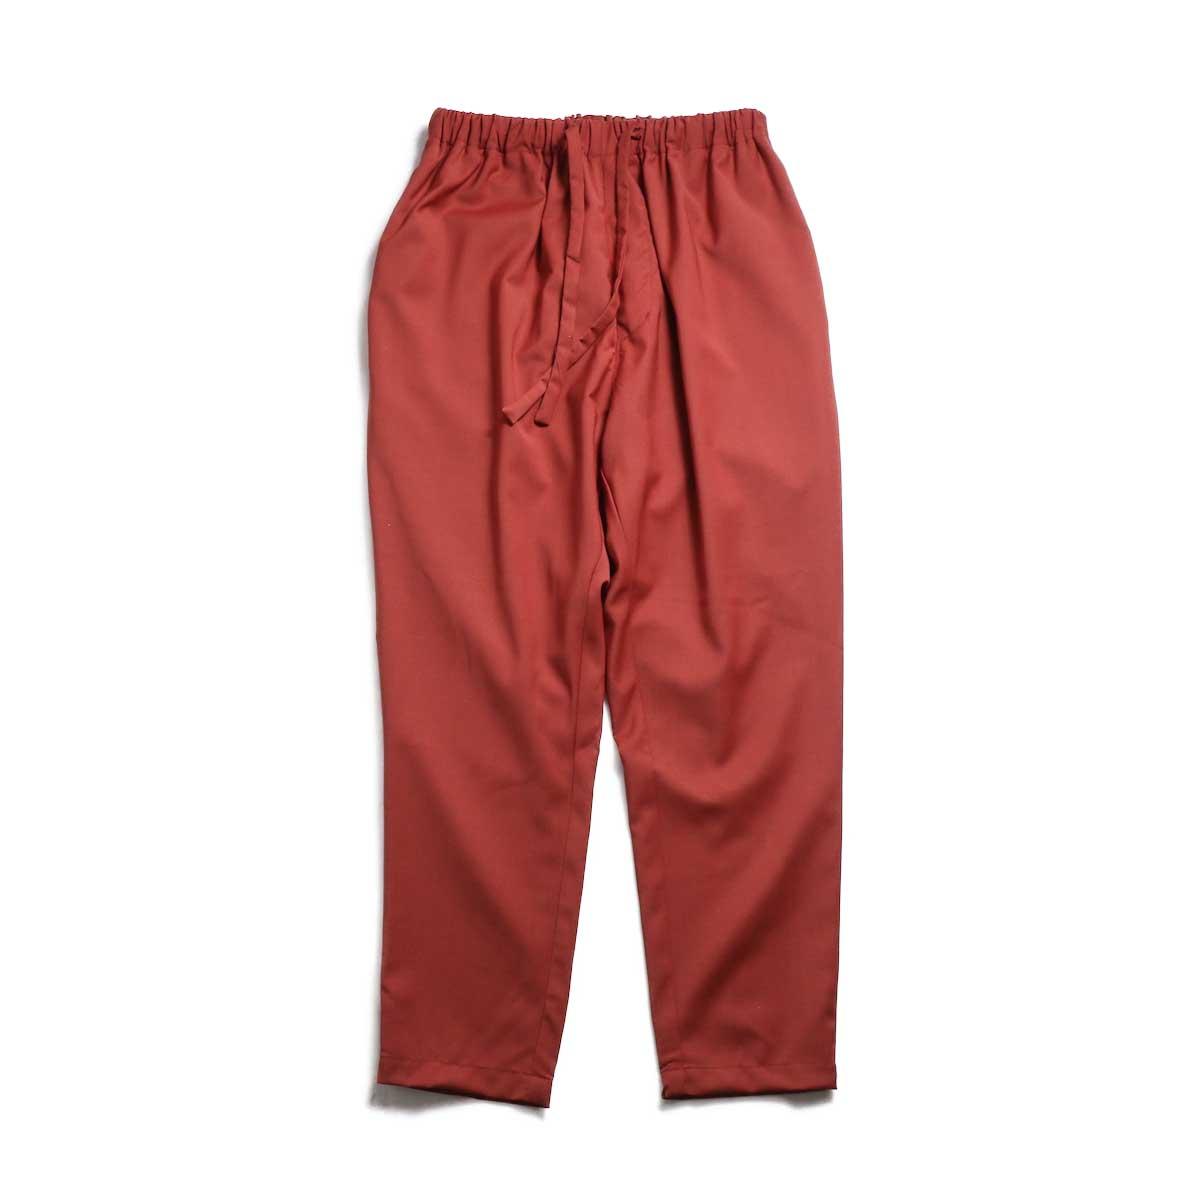 BASISBROEK / BRAVO Cropped Easy Pants (Sienna) 正面